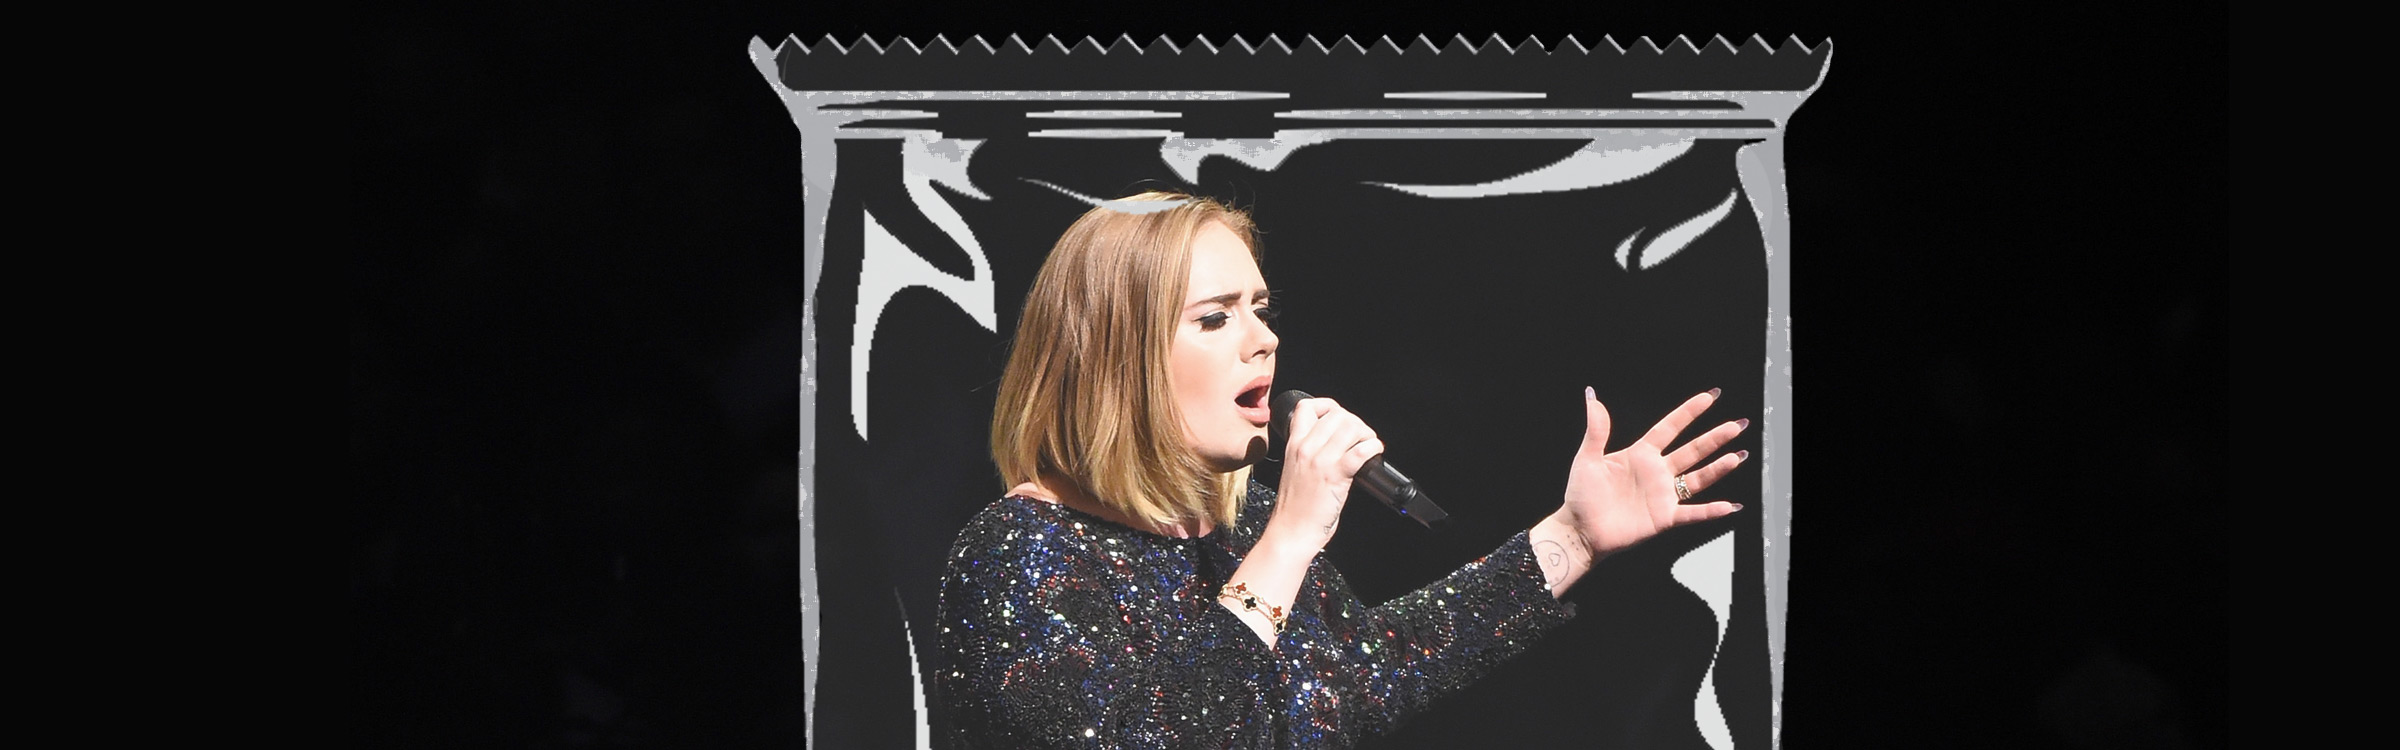 Adele zakje header